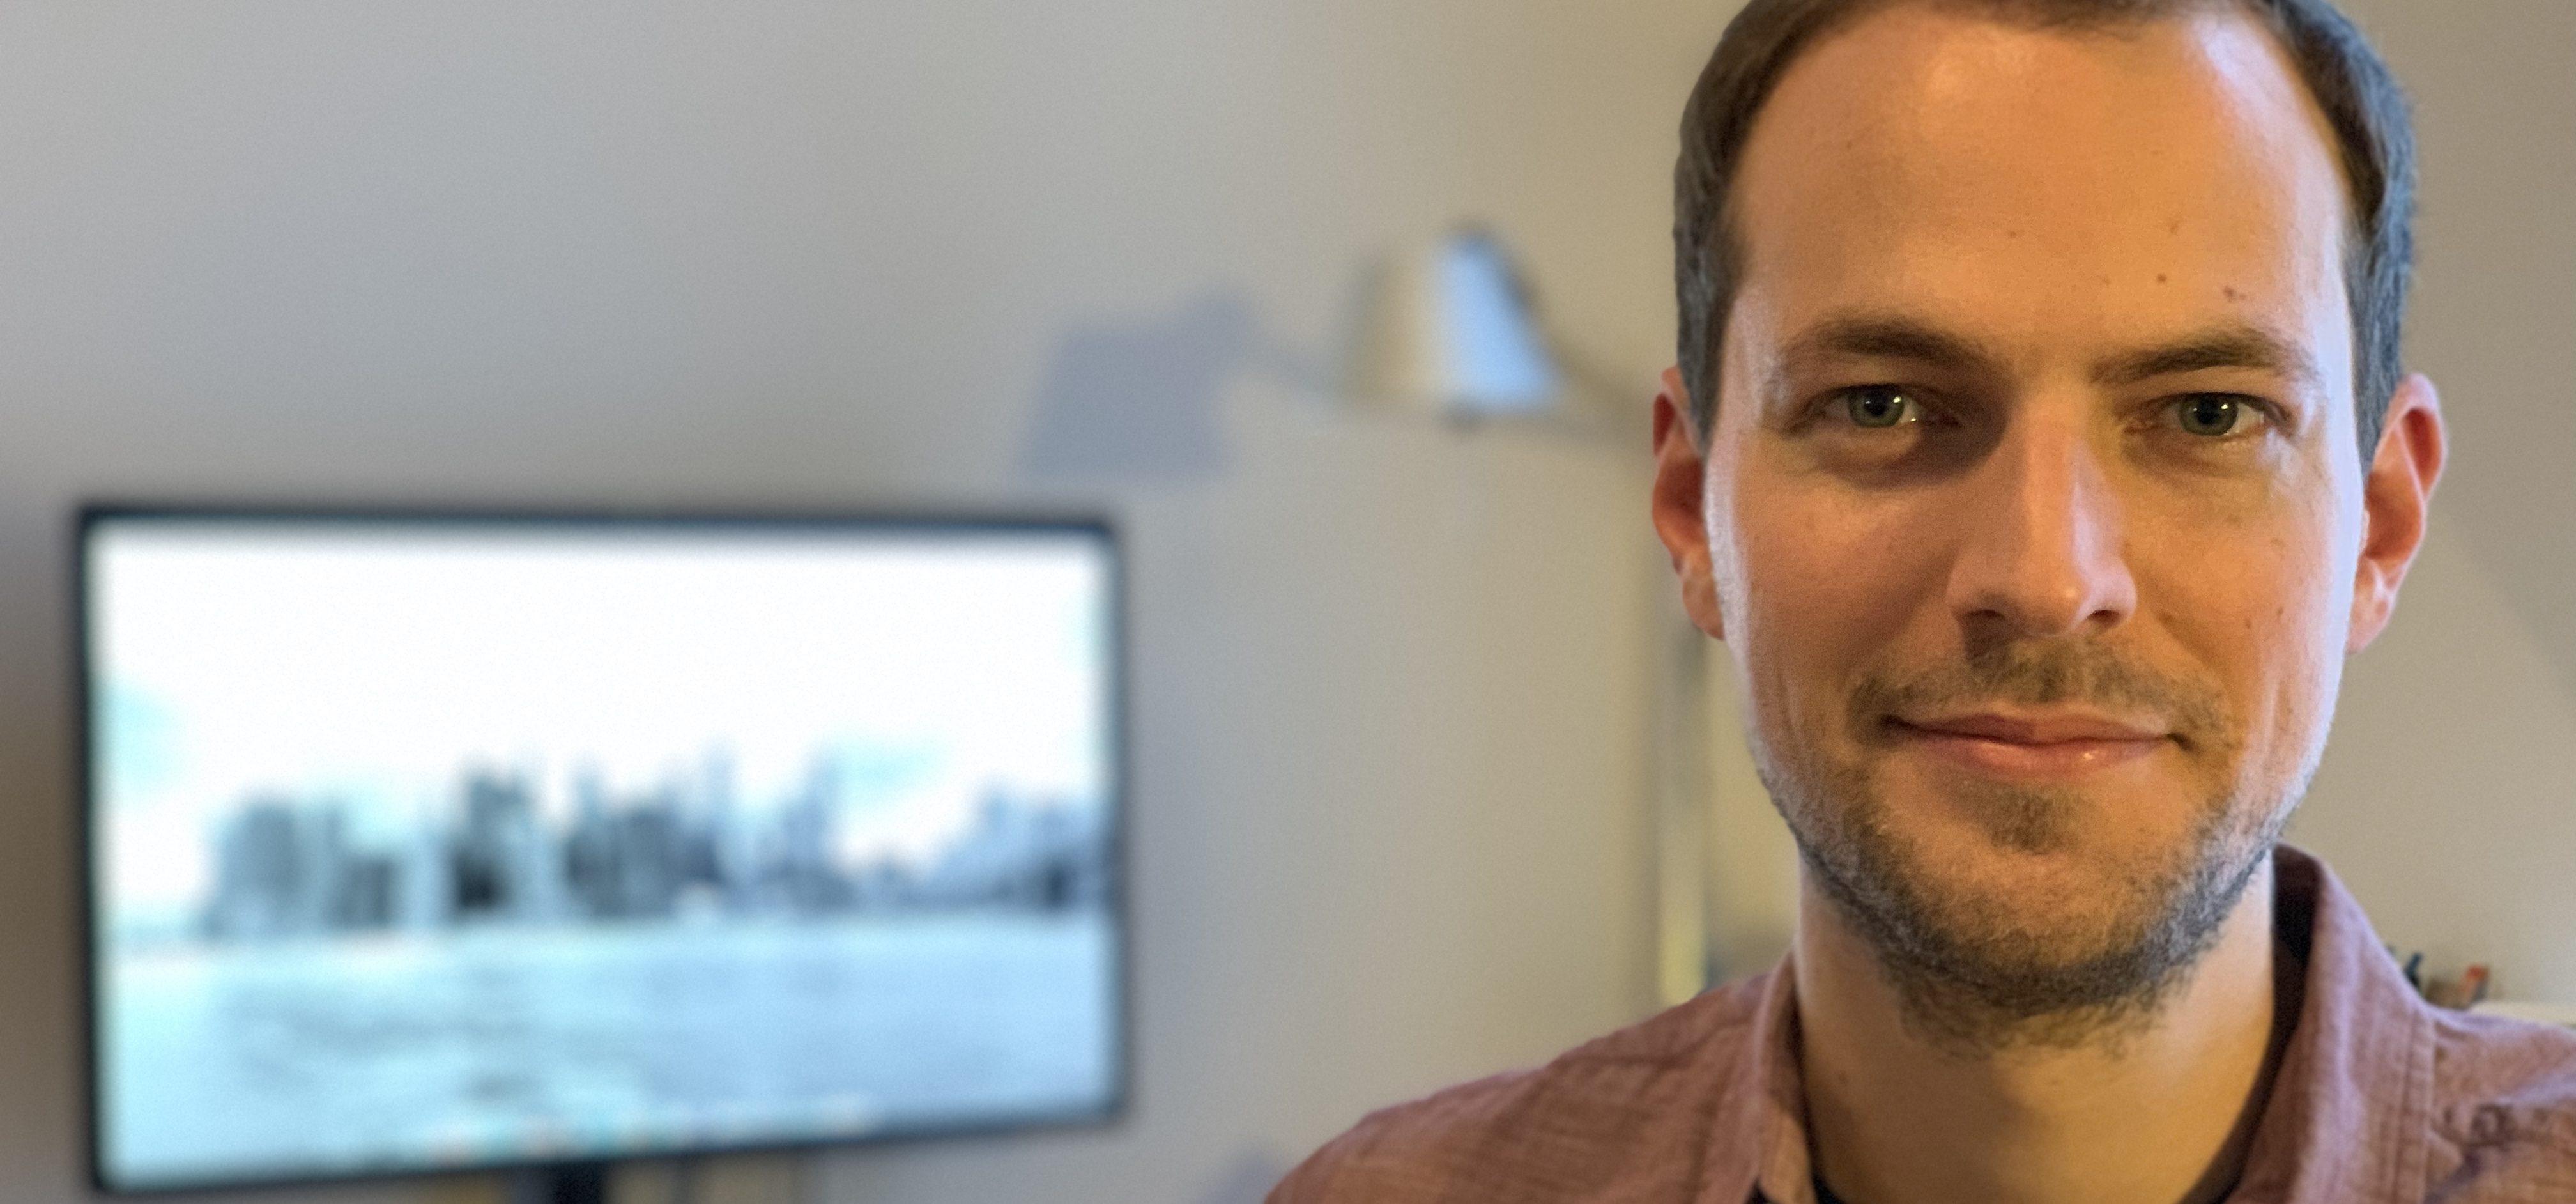 Ressortleiter Datenjournalismus bei SPIEGEL ONLINE: Marcel Pauly. Bildcredits: Privat.